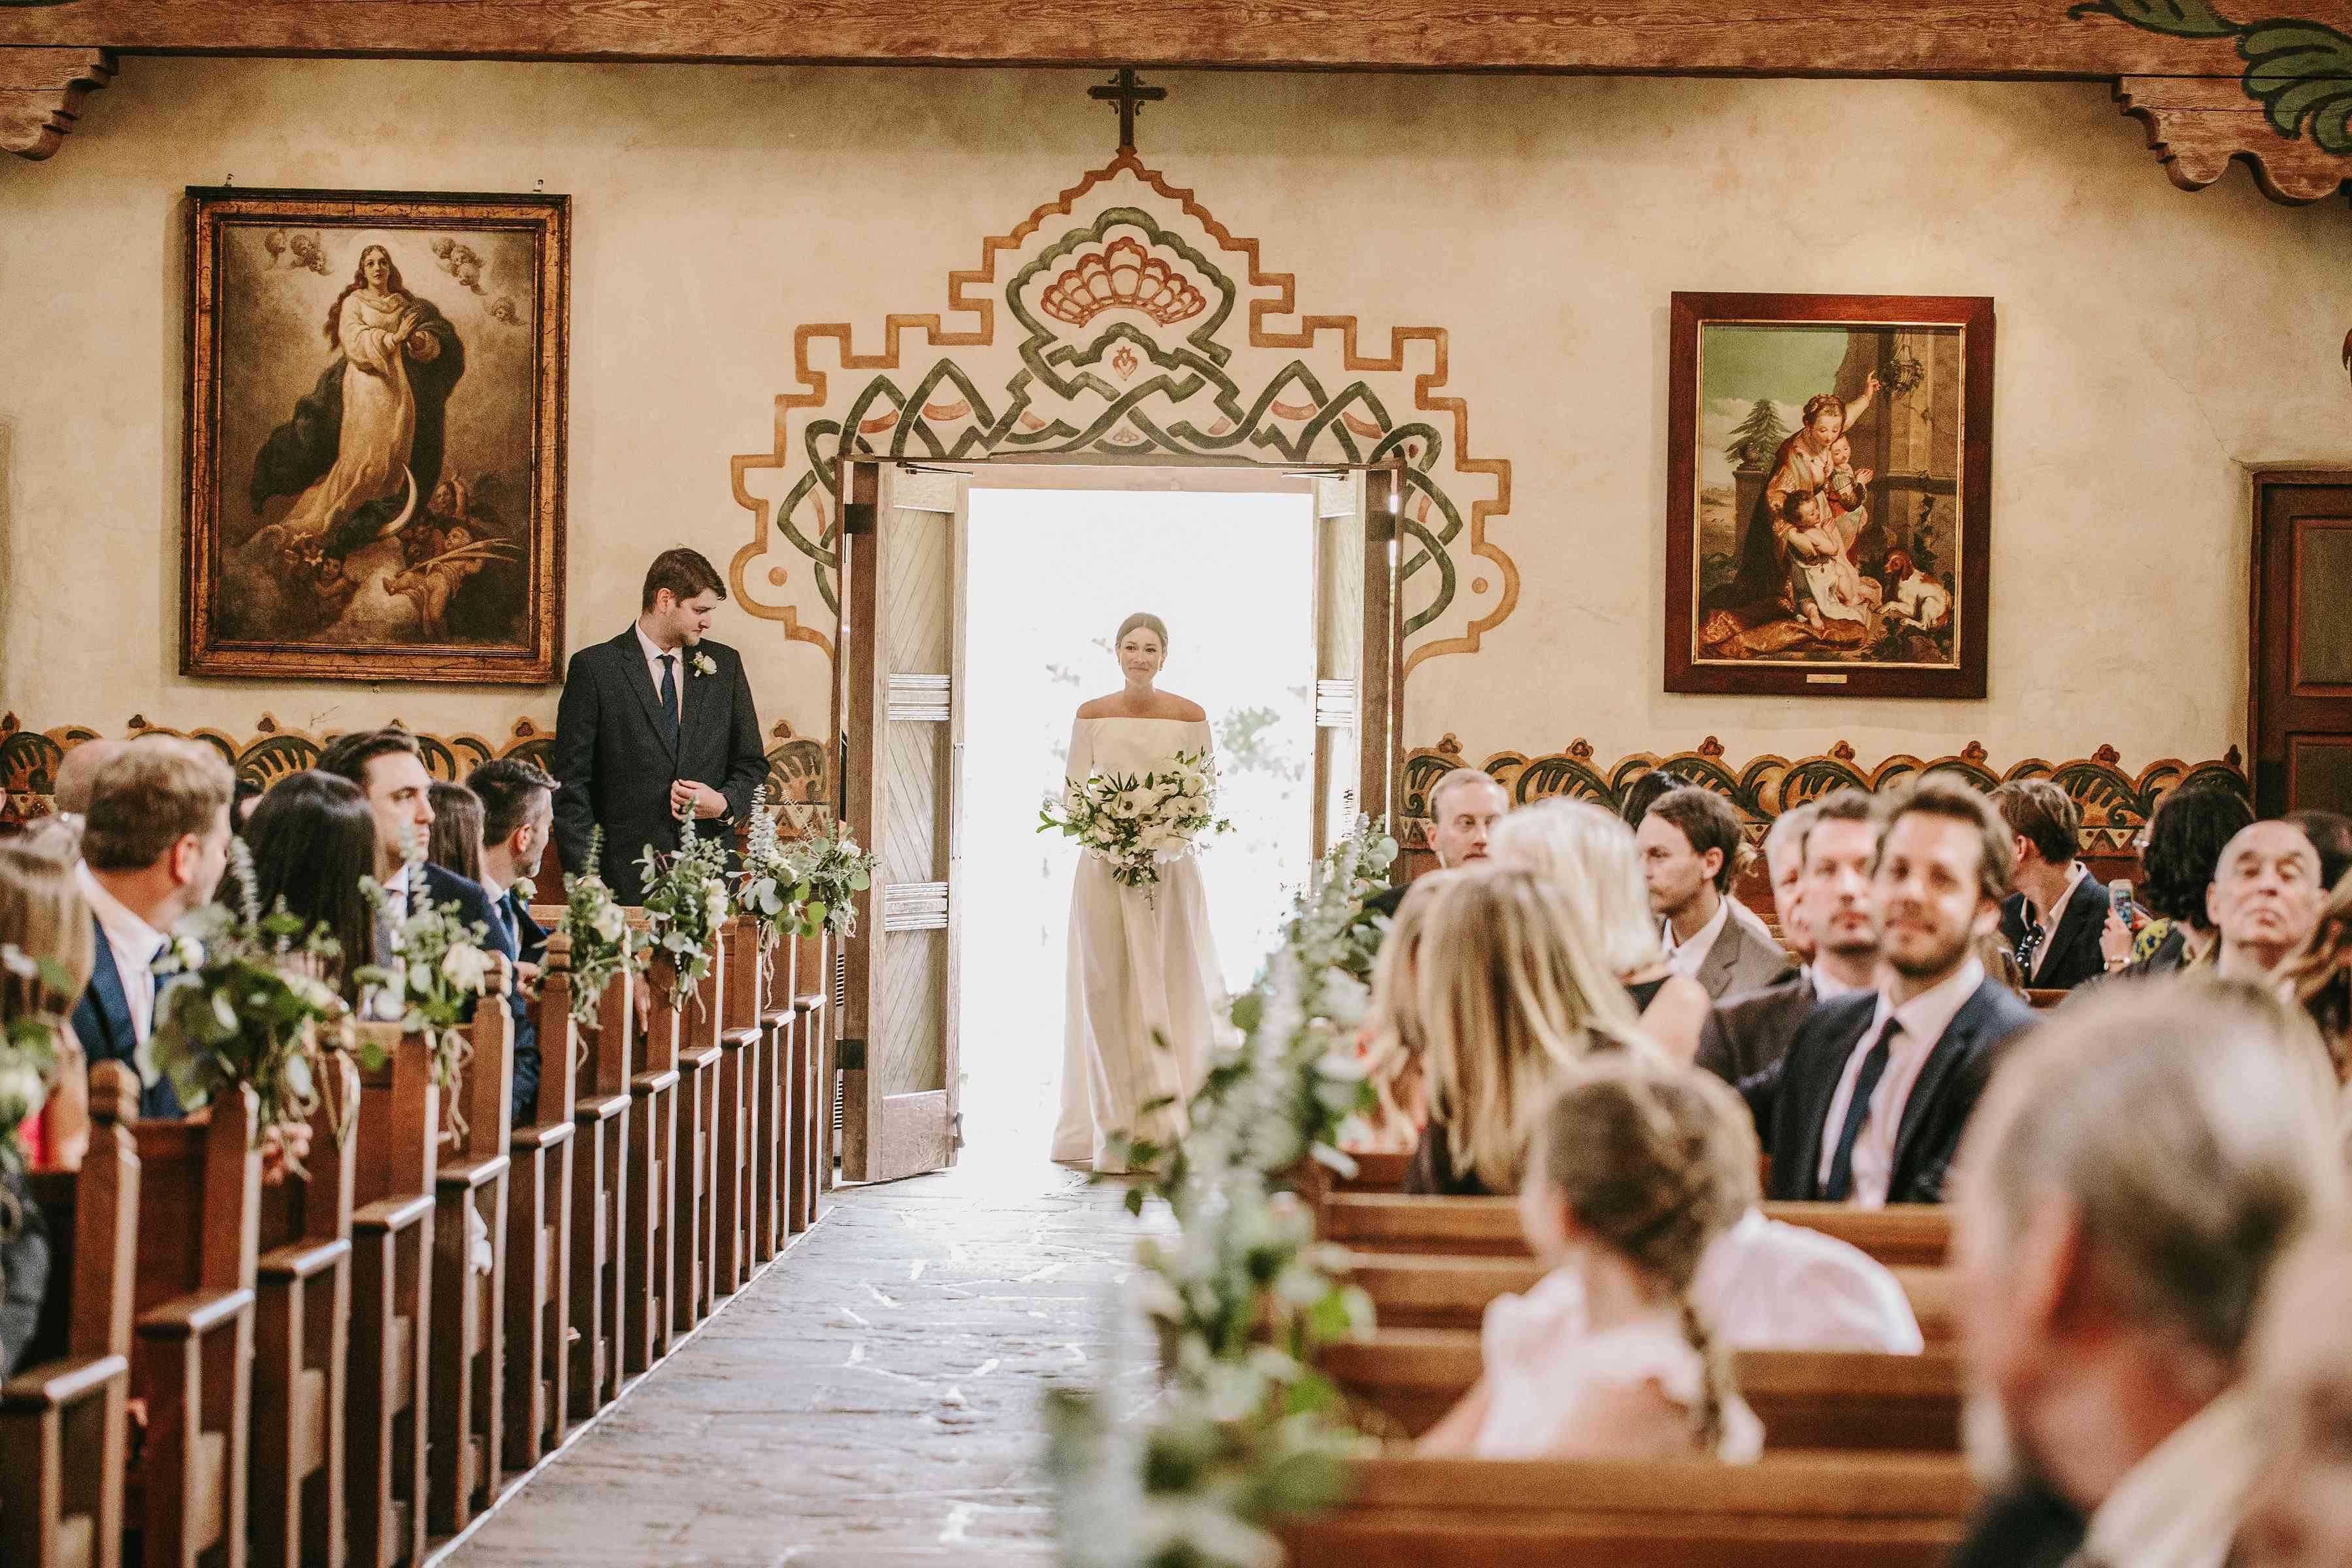 <p>bride entering church</p><br><br>